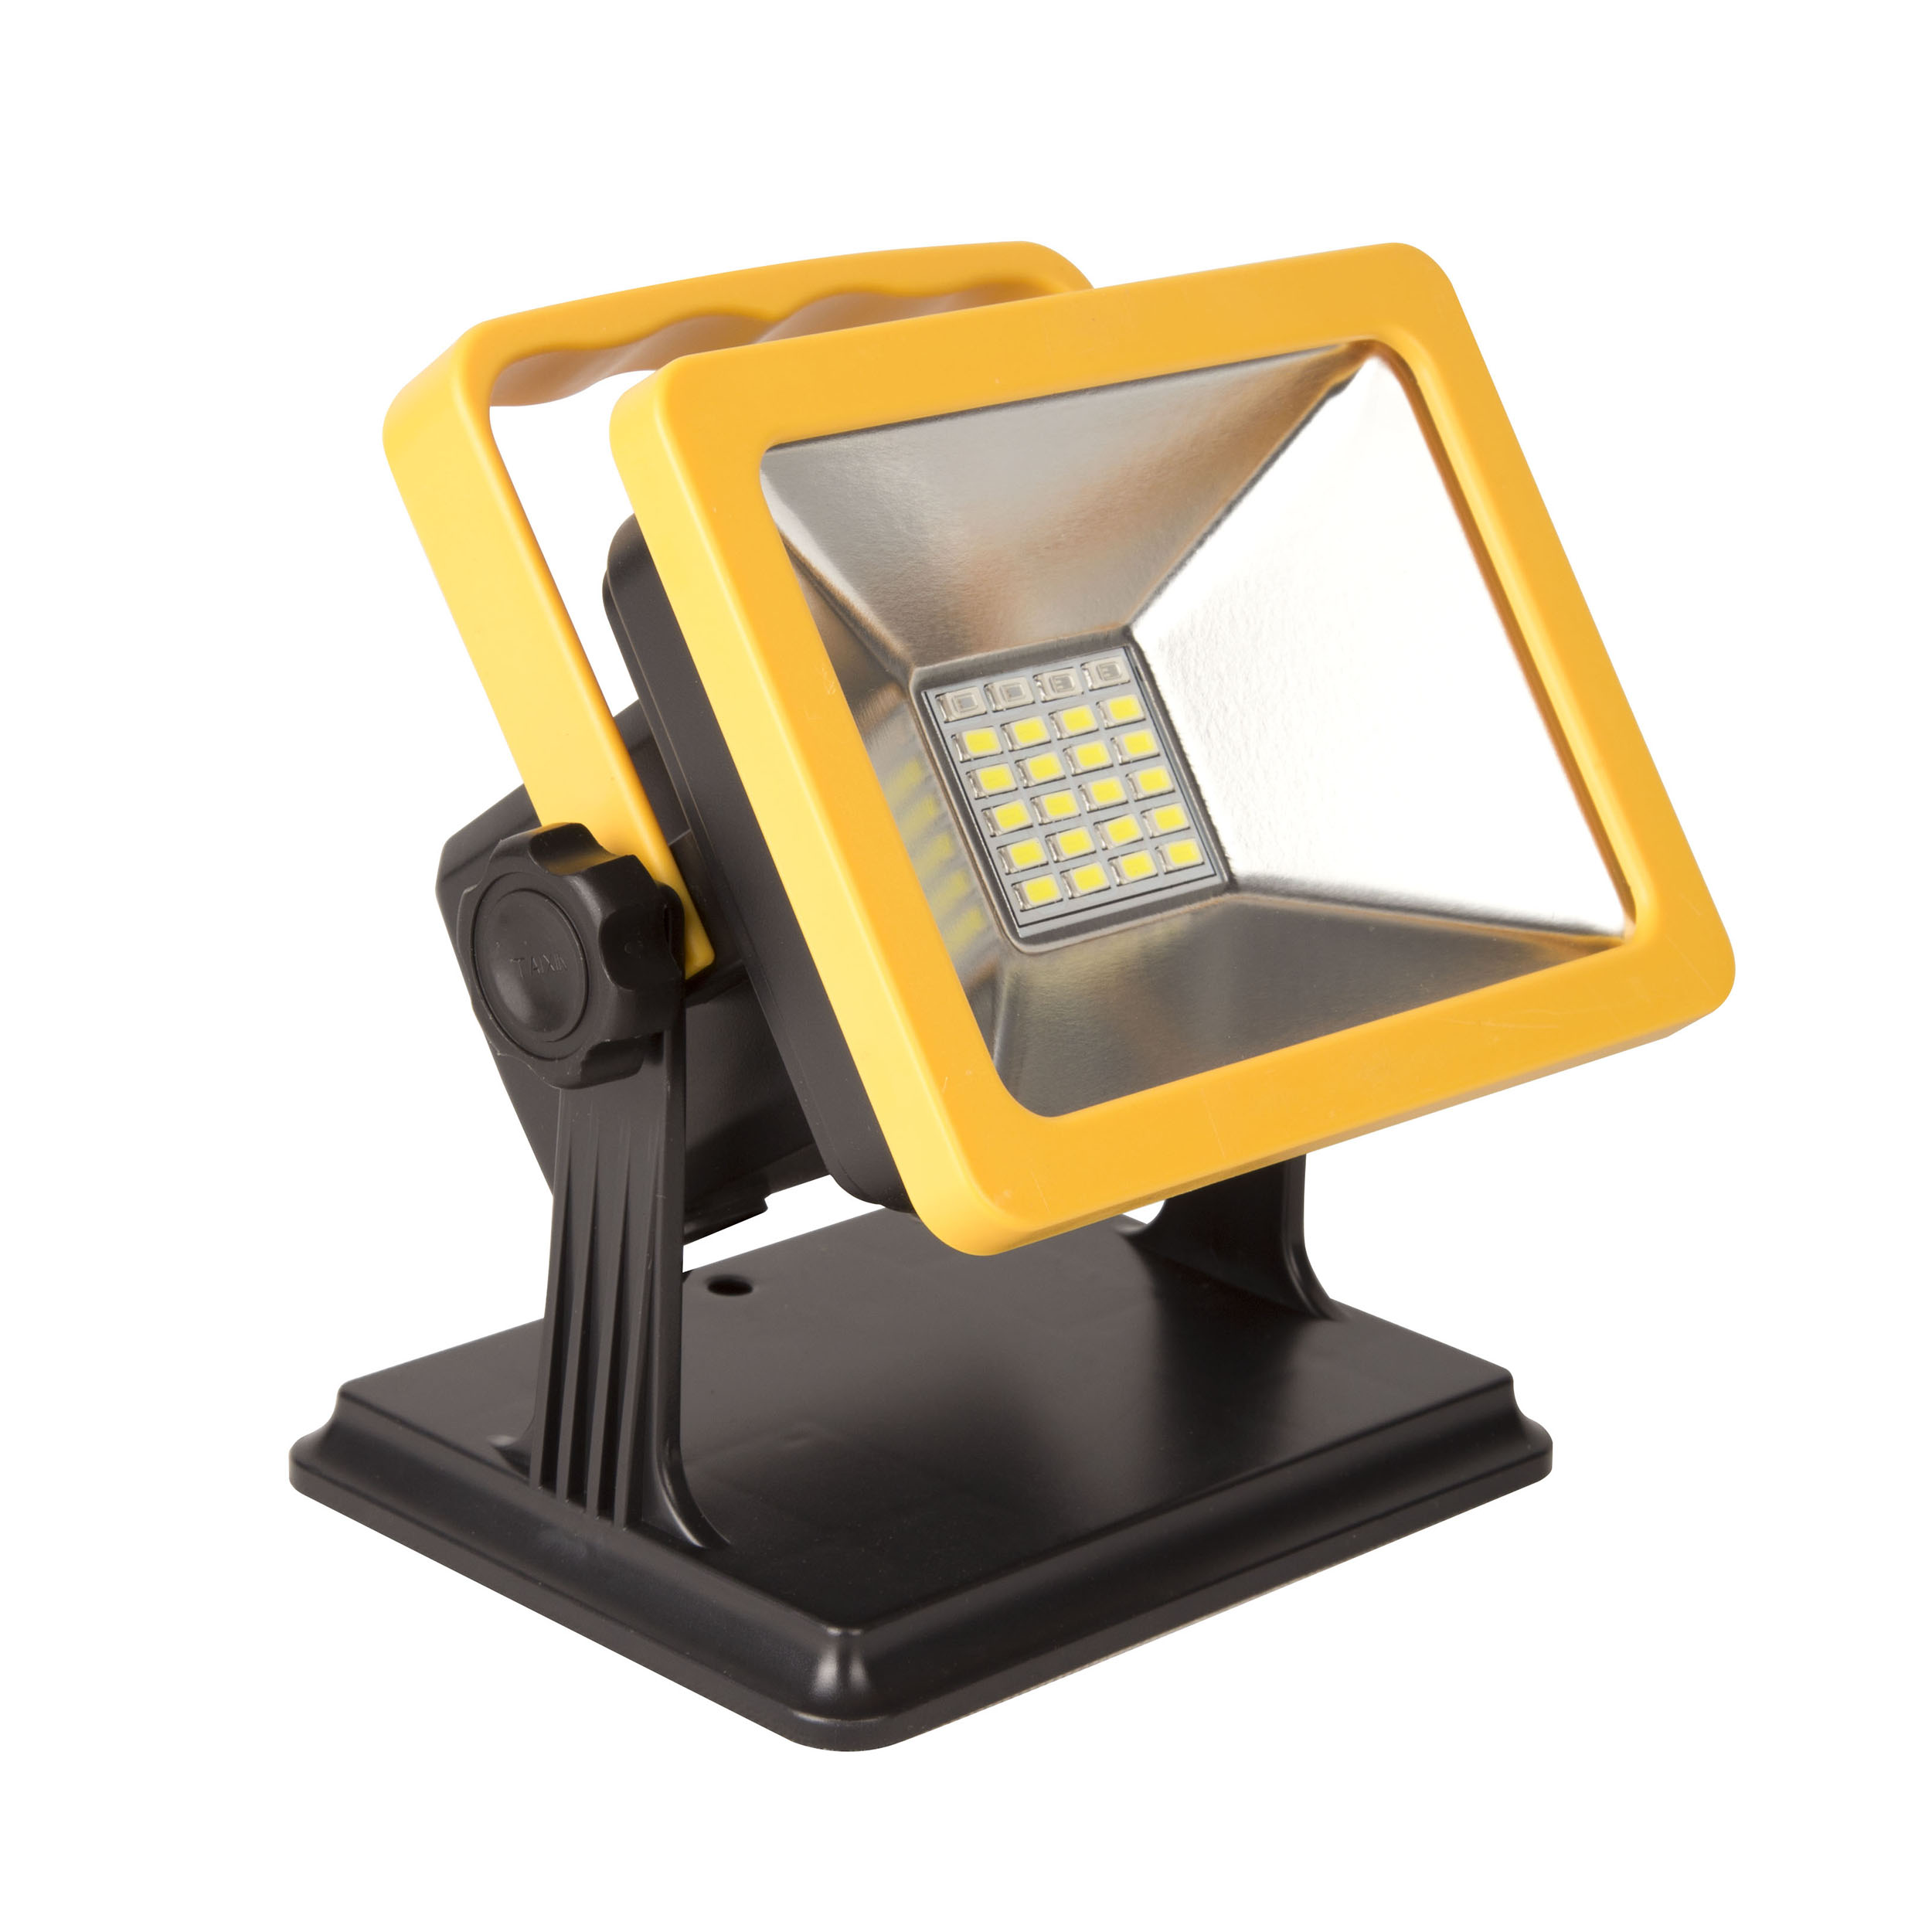 LumenBasic LED Work Light Rechargable